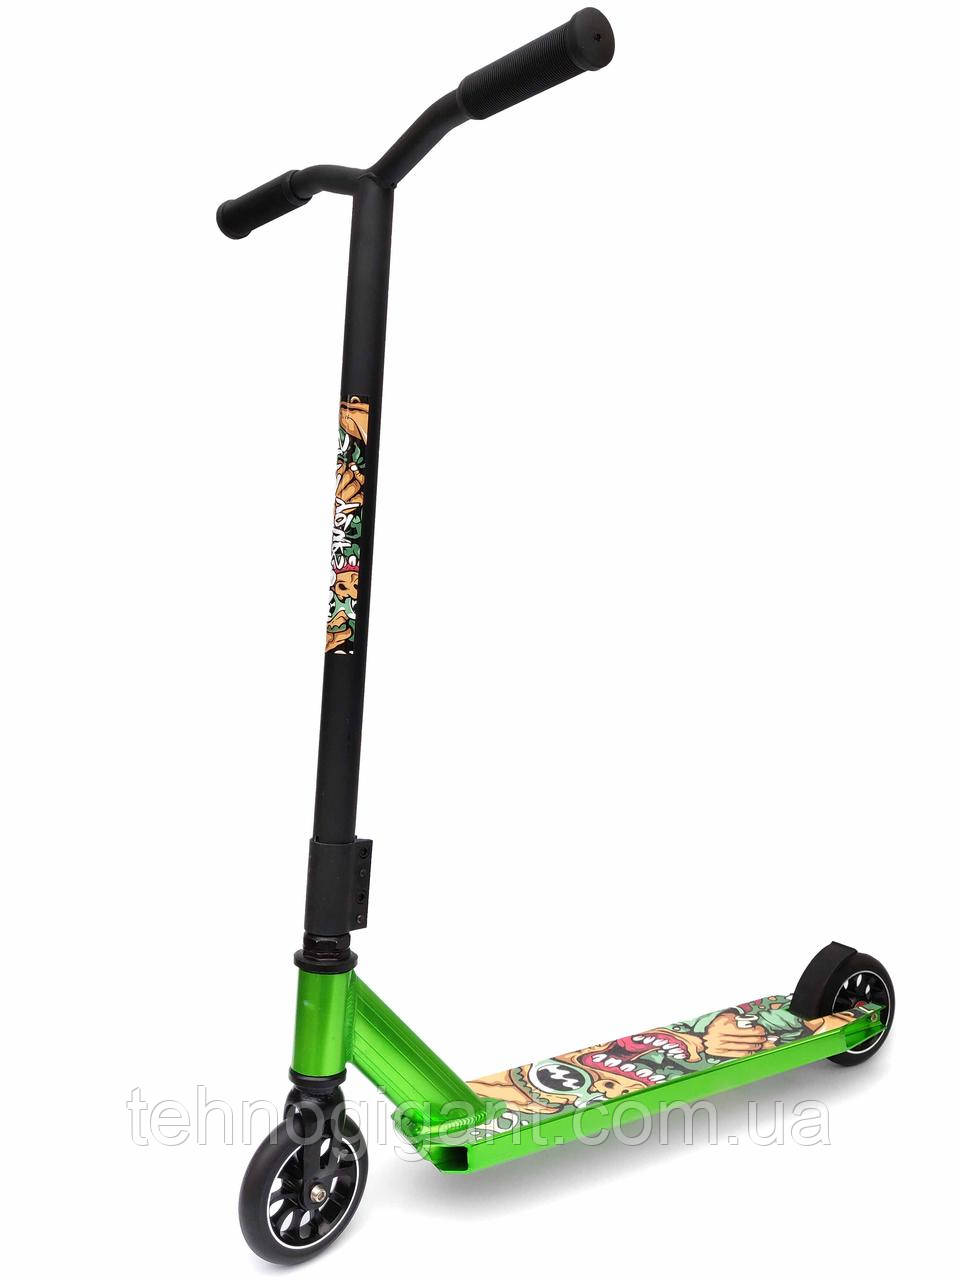 Трюковый Самокат отScooter–Aluminium Stunt 060Y, 110 мм Зеленый , колеса литые алюминий /полиуретан